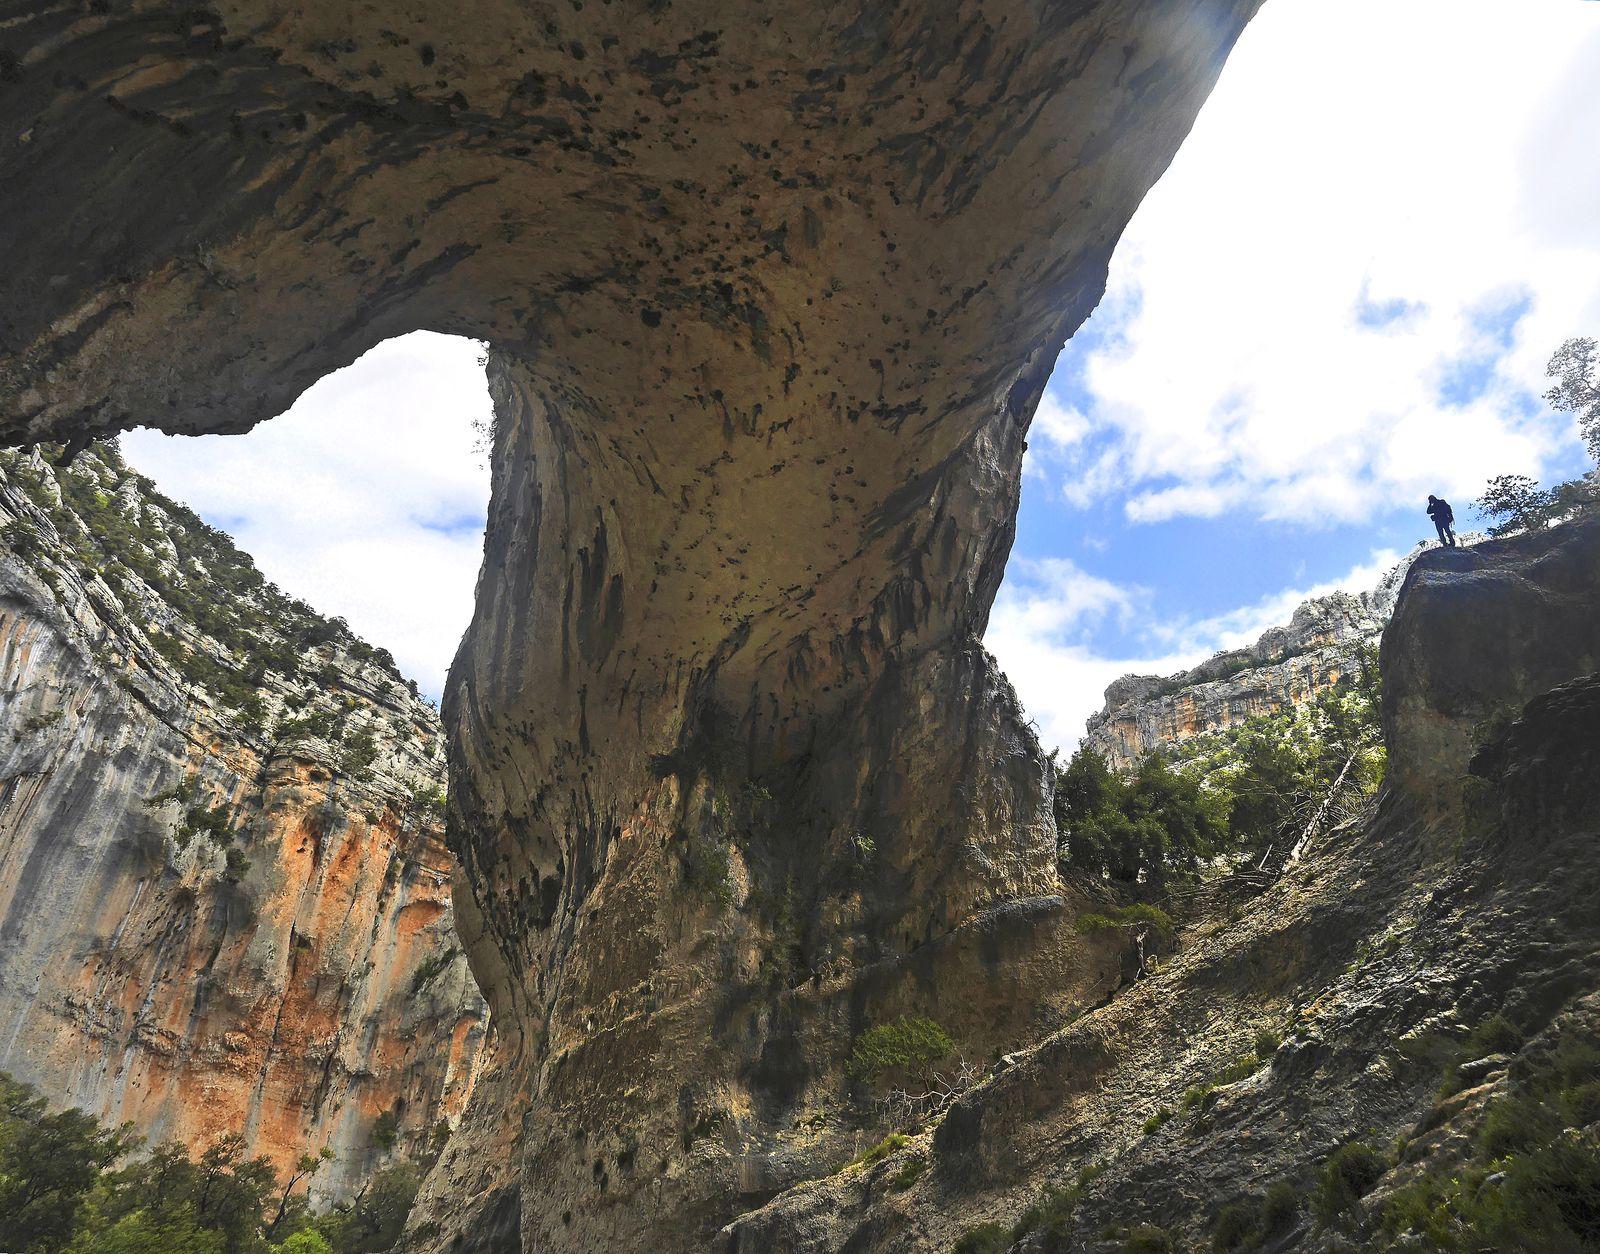 L'énorme arc-boutant de s'Arcada Manna. Outre la taille, c'est surtout le côté massif qui est impressionnant. Sur le côté à gauche, dans la pointe, il doit y avoir 60 m de hauteur.